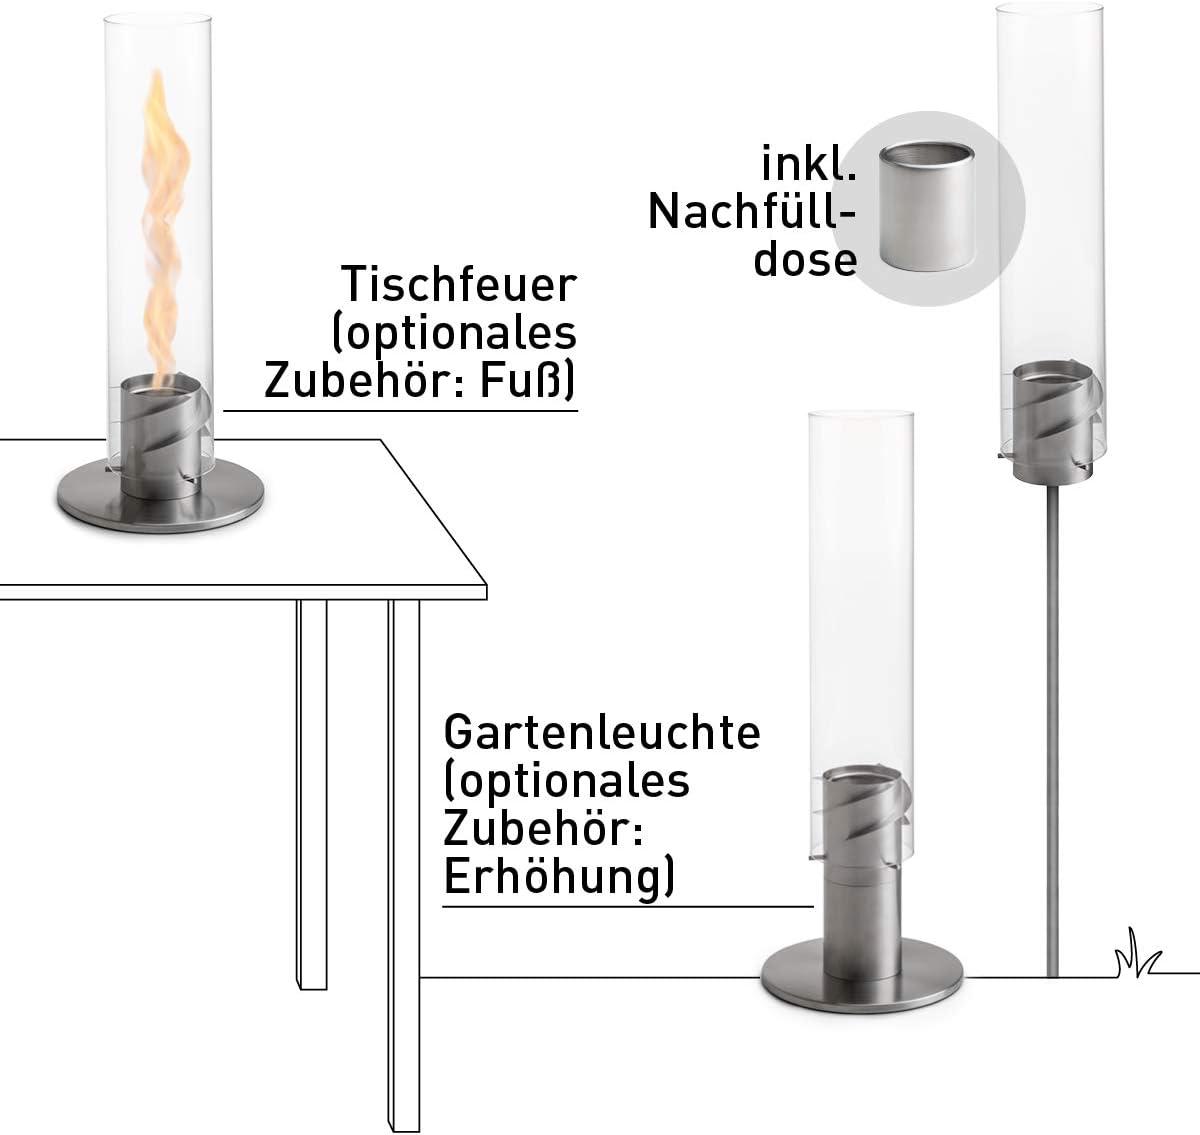 hochwertige Bioethanol GartenfackelSPIN 120 Silber aus Edelstahl inklusive Nachf/ülldose Terrasse und Camping h/öfats f/ür Garten